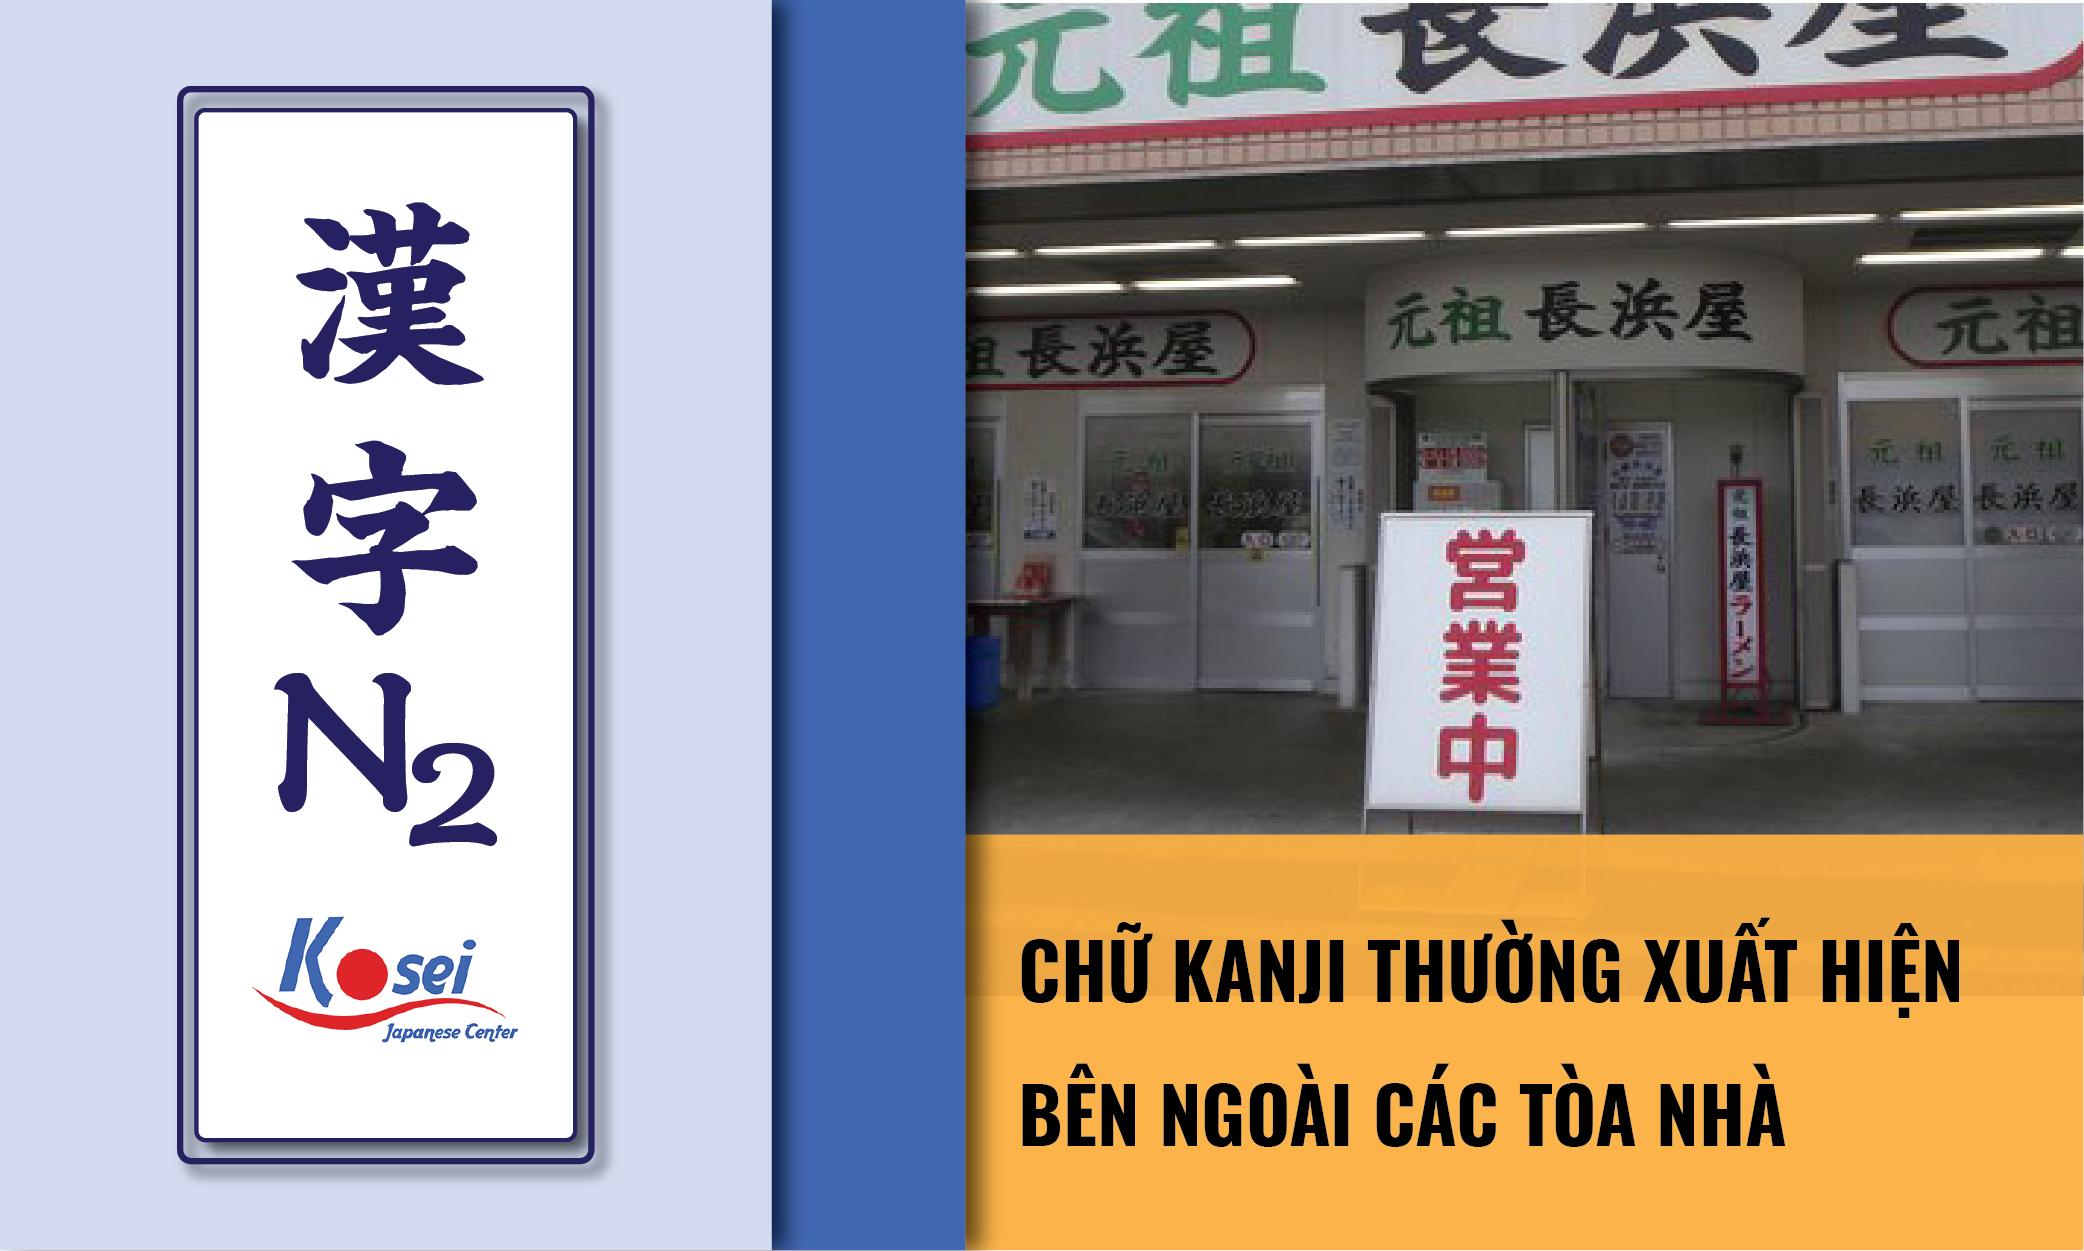 (Tổng hợp) Kanji N2: Các Kanji thường xuất hiện bên trong và bên ngoài các tòa nhà